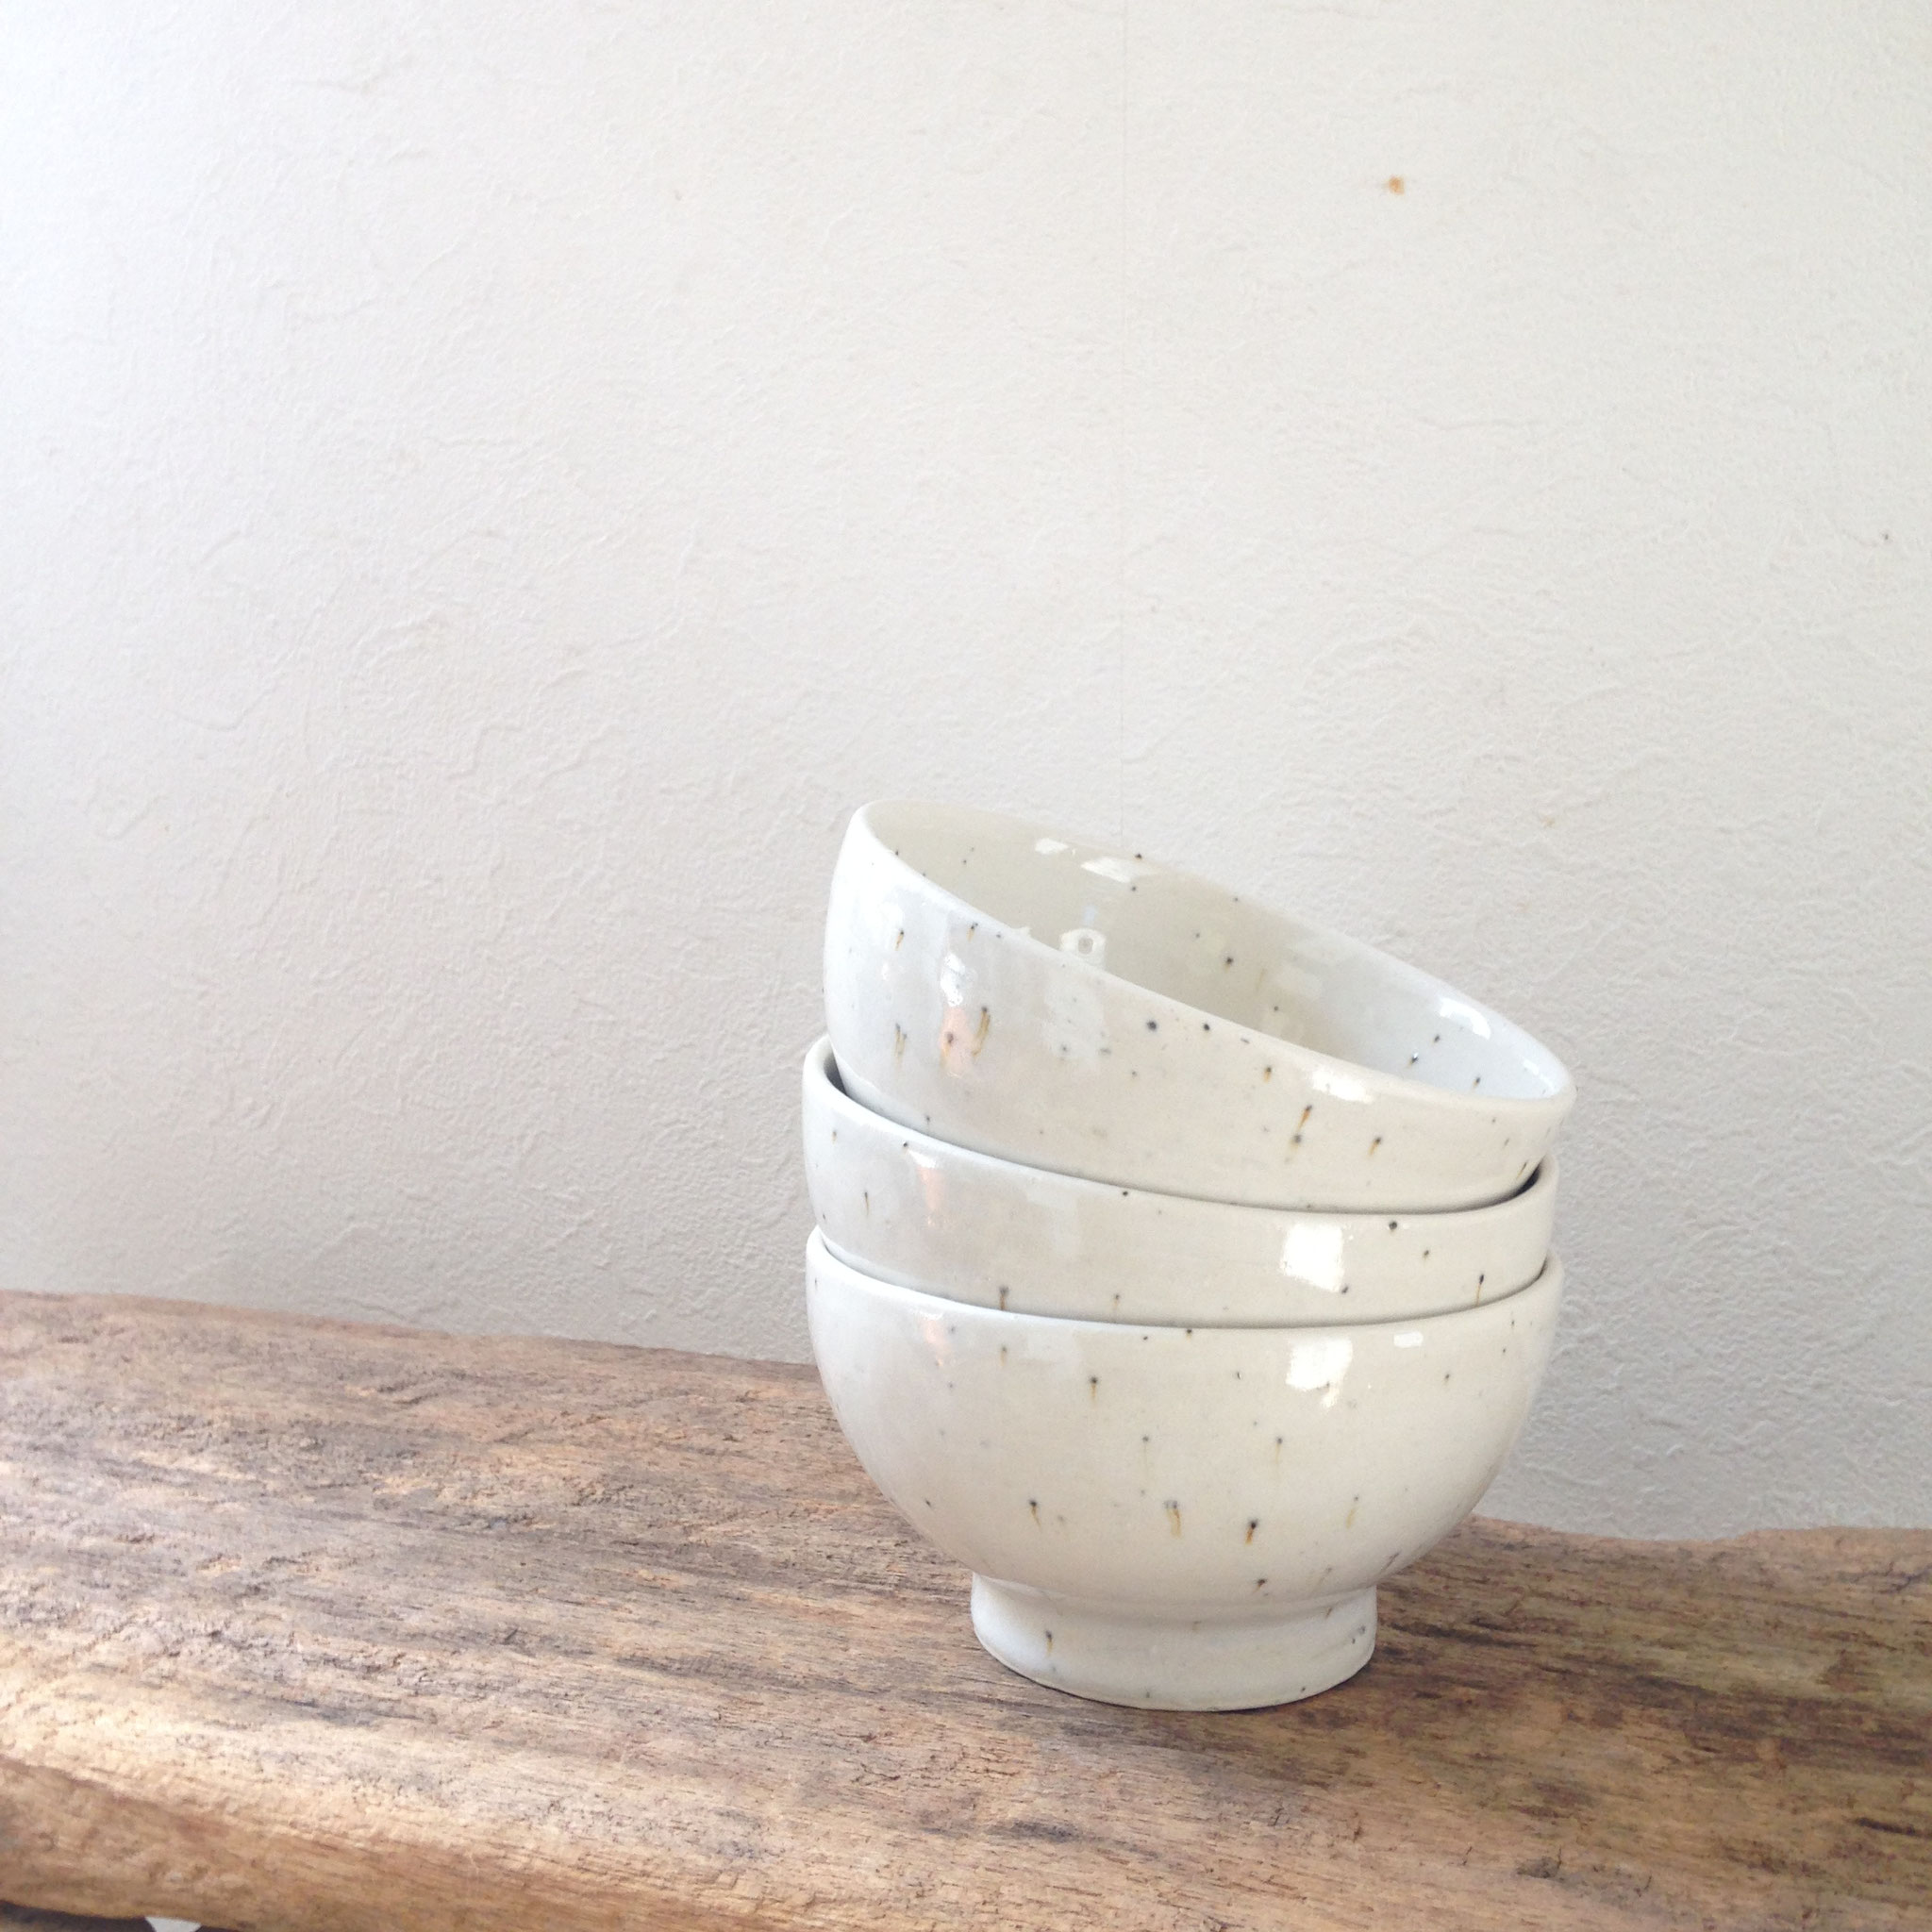 碗。鉄粉が流れています。